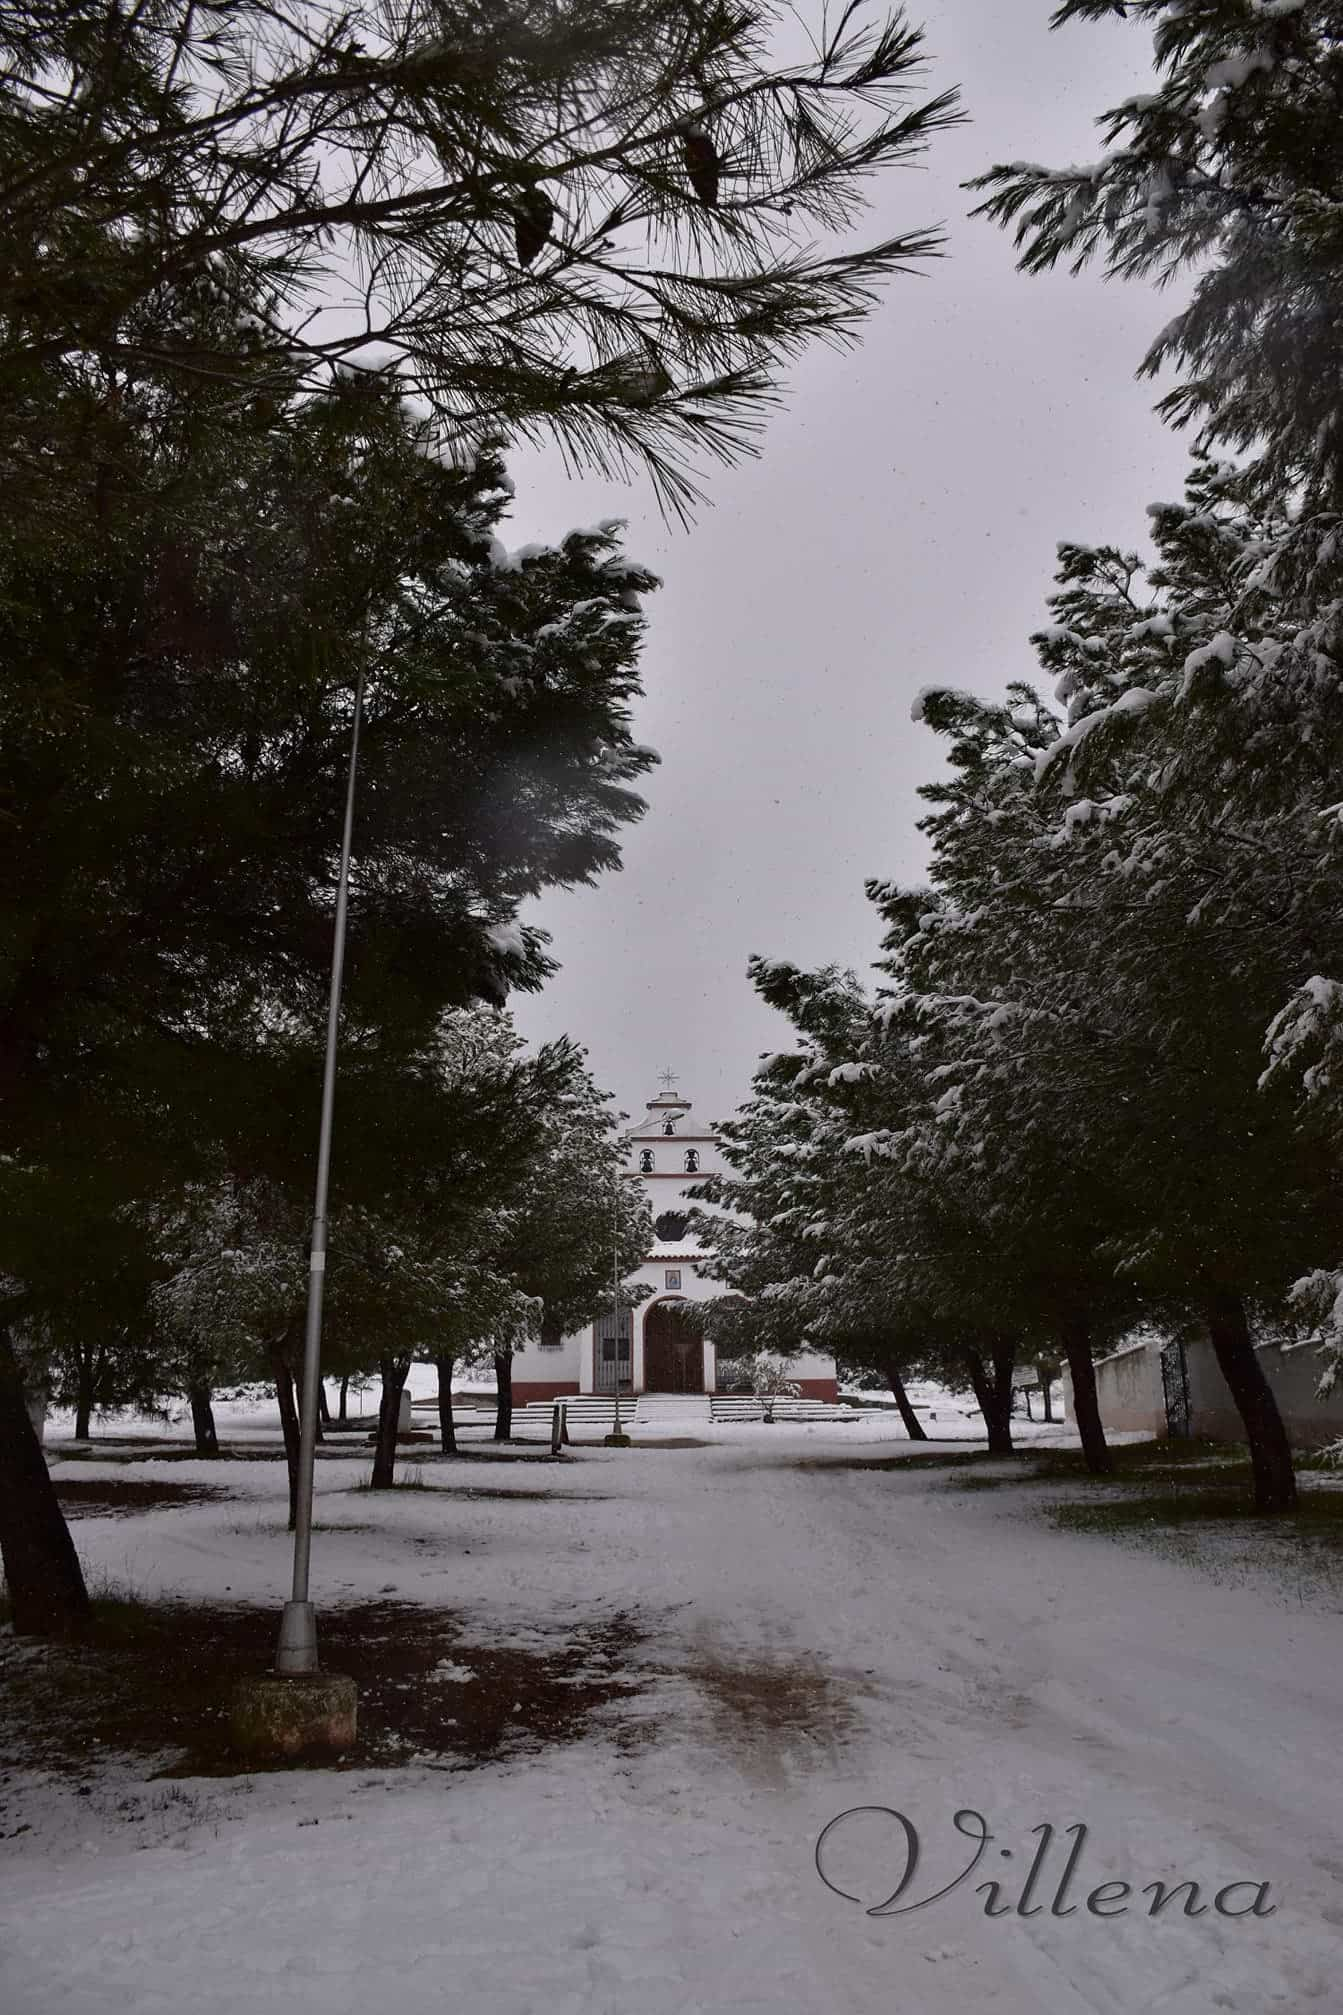 Las nevadas llegan Herencia y a toda Castilla-La Mancha (actualizado) 93